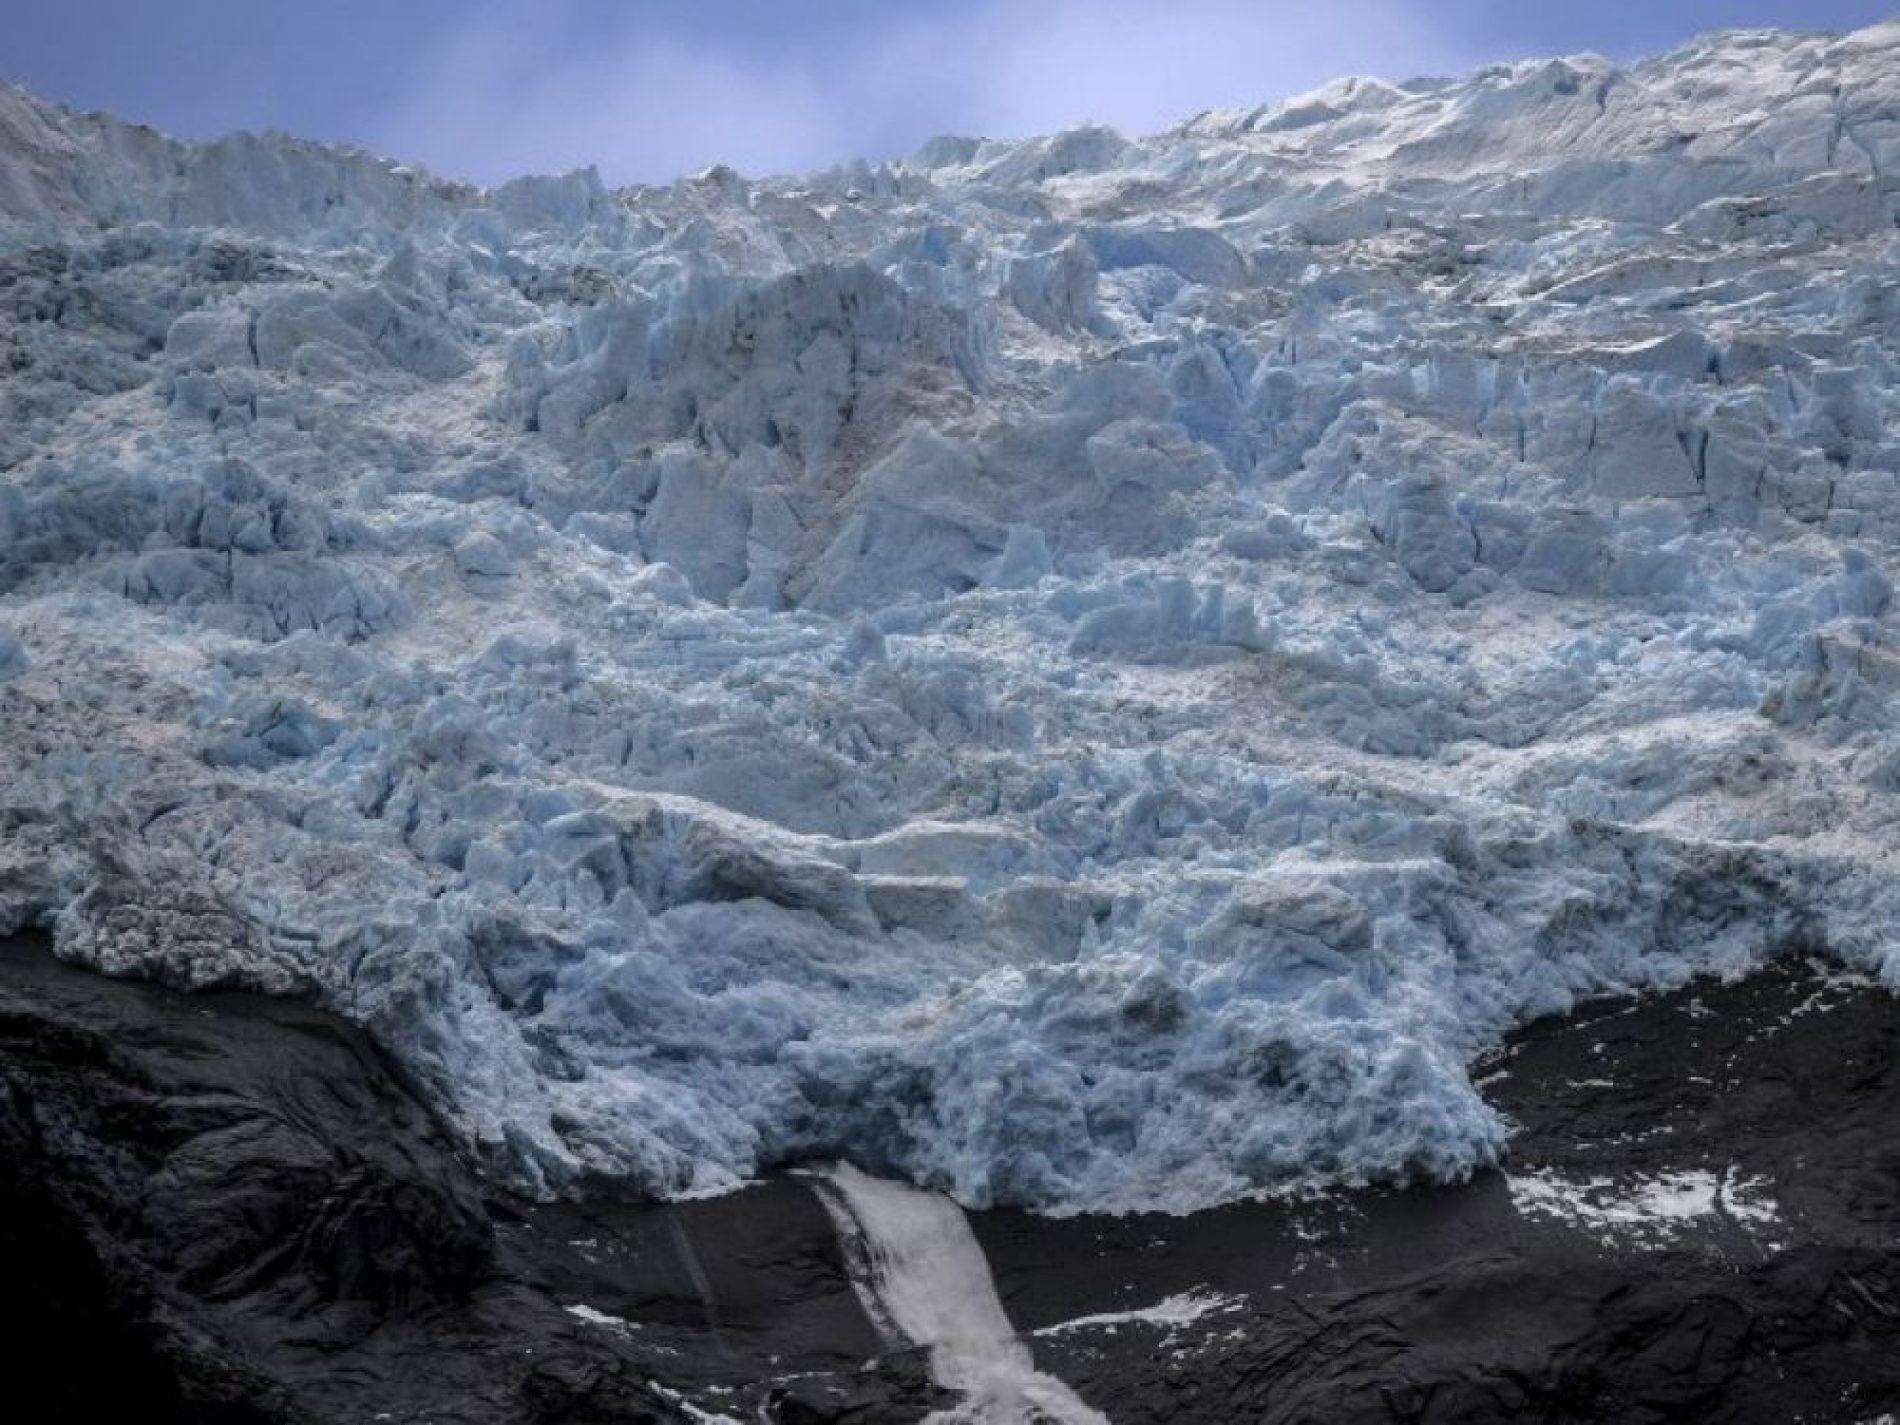 Réchauffement climatique : L'Islande commémore Okjökull, son premier glacier disparu